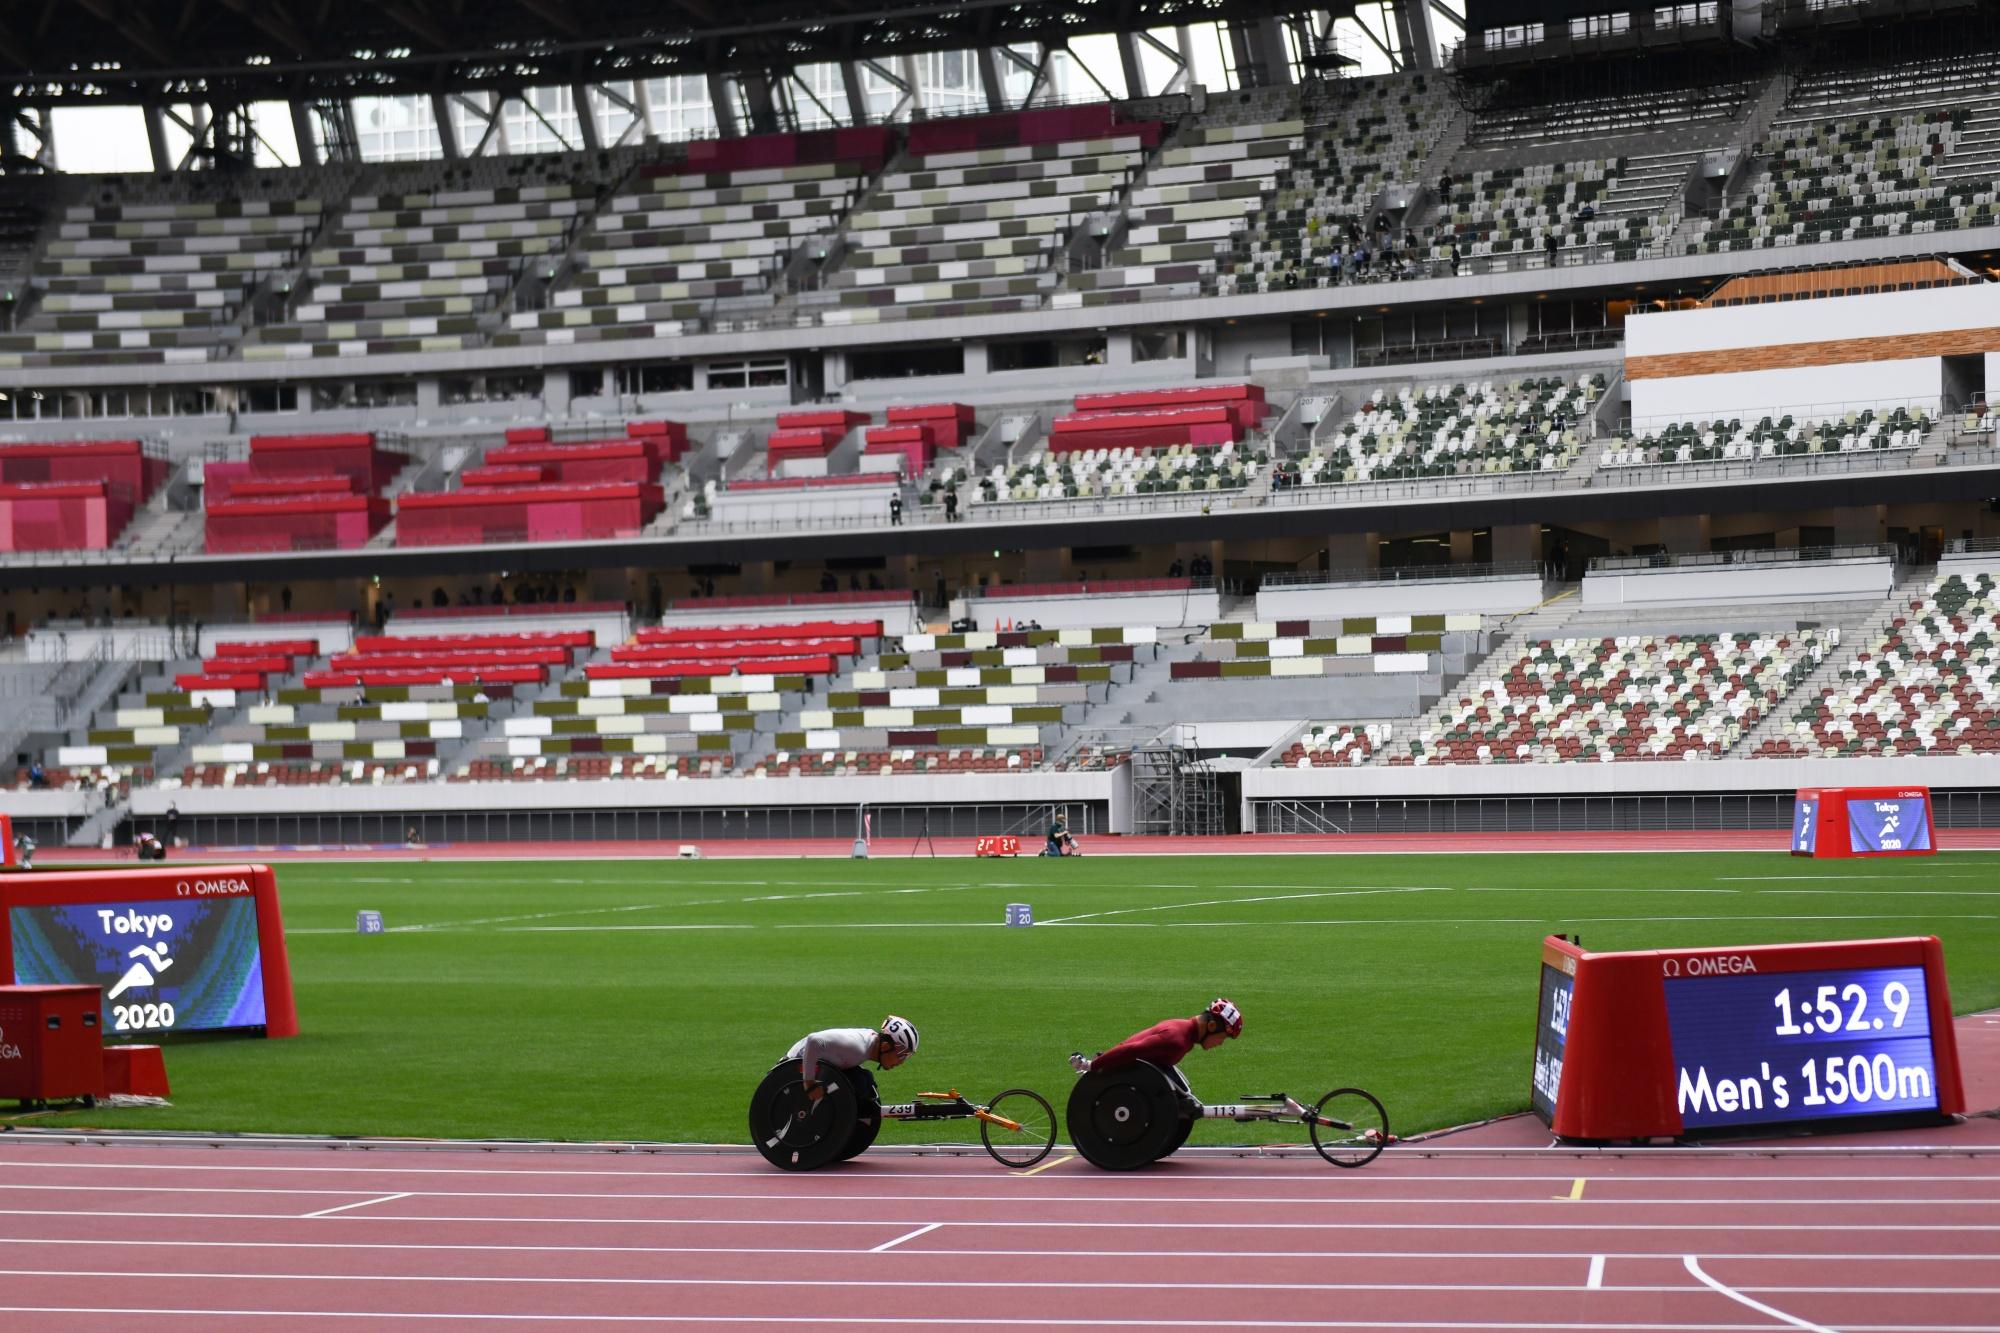 パラリンピック陸上競技競技用テストイベント